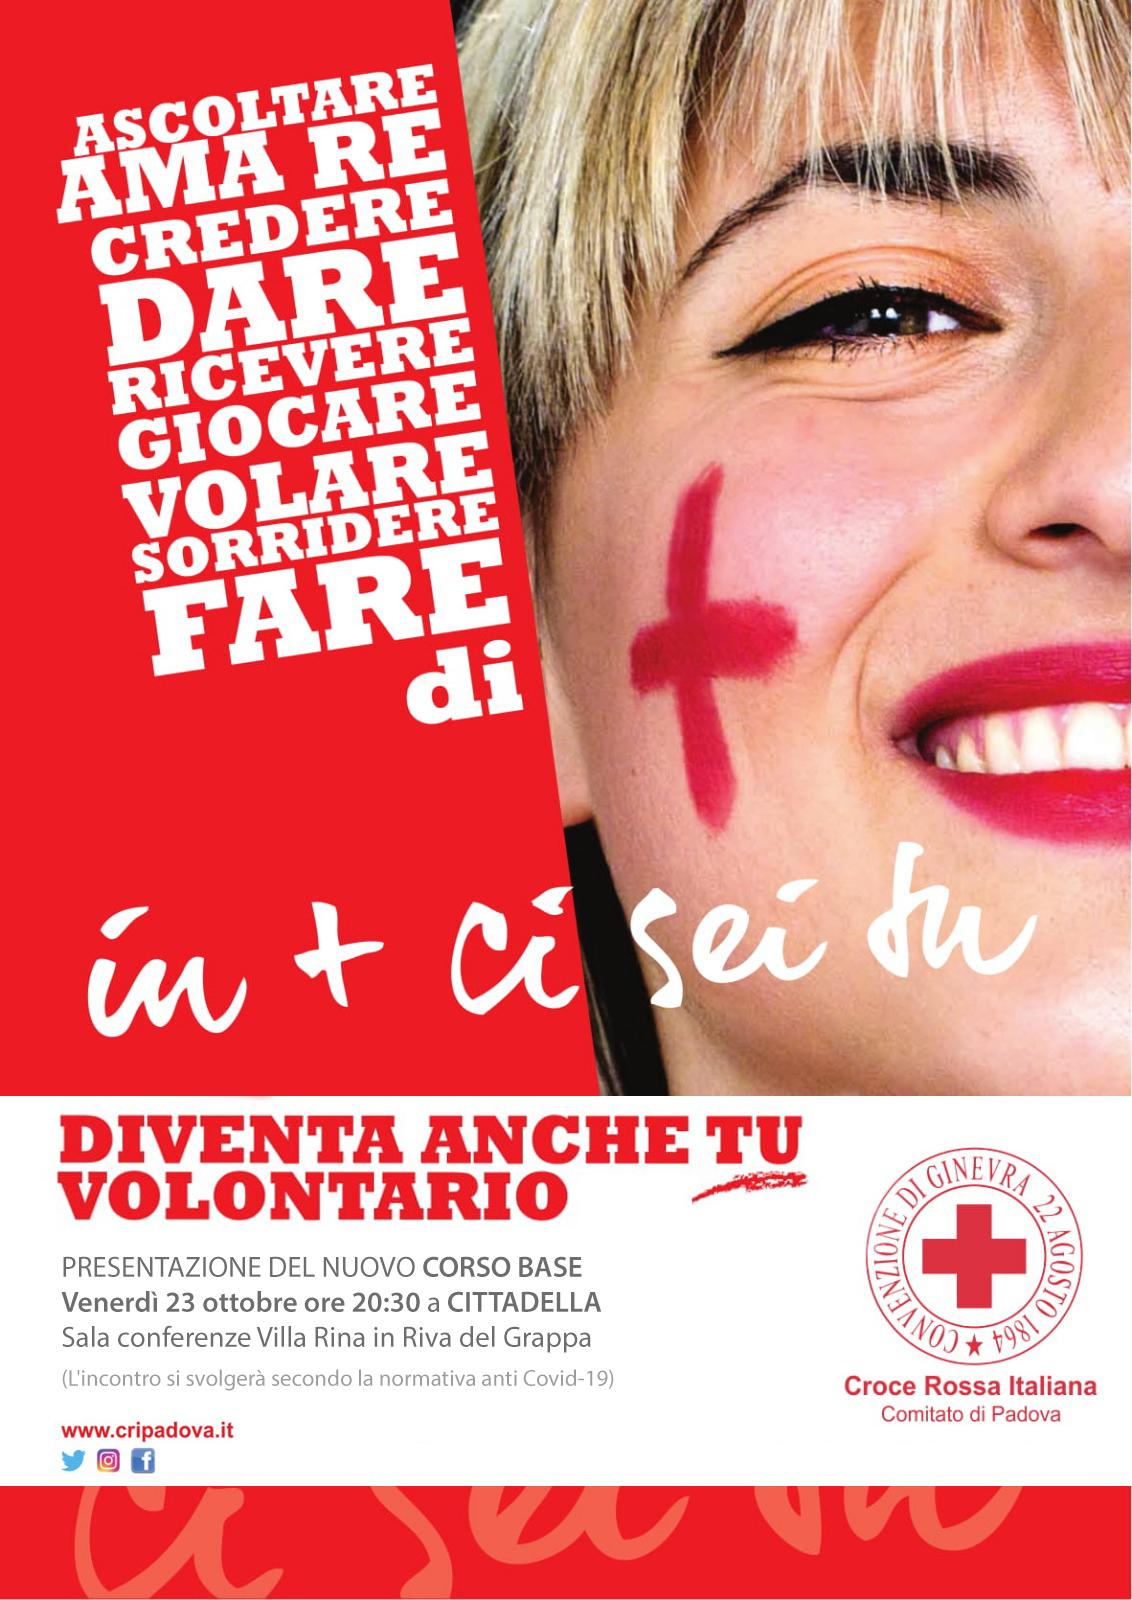 Corso volontari Croce Rossa Italiana